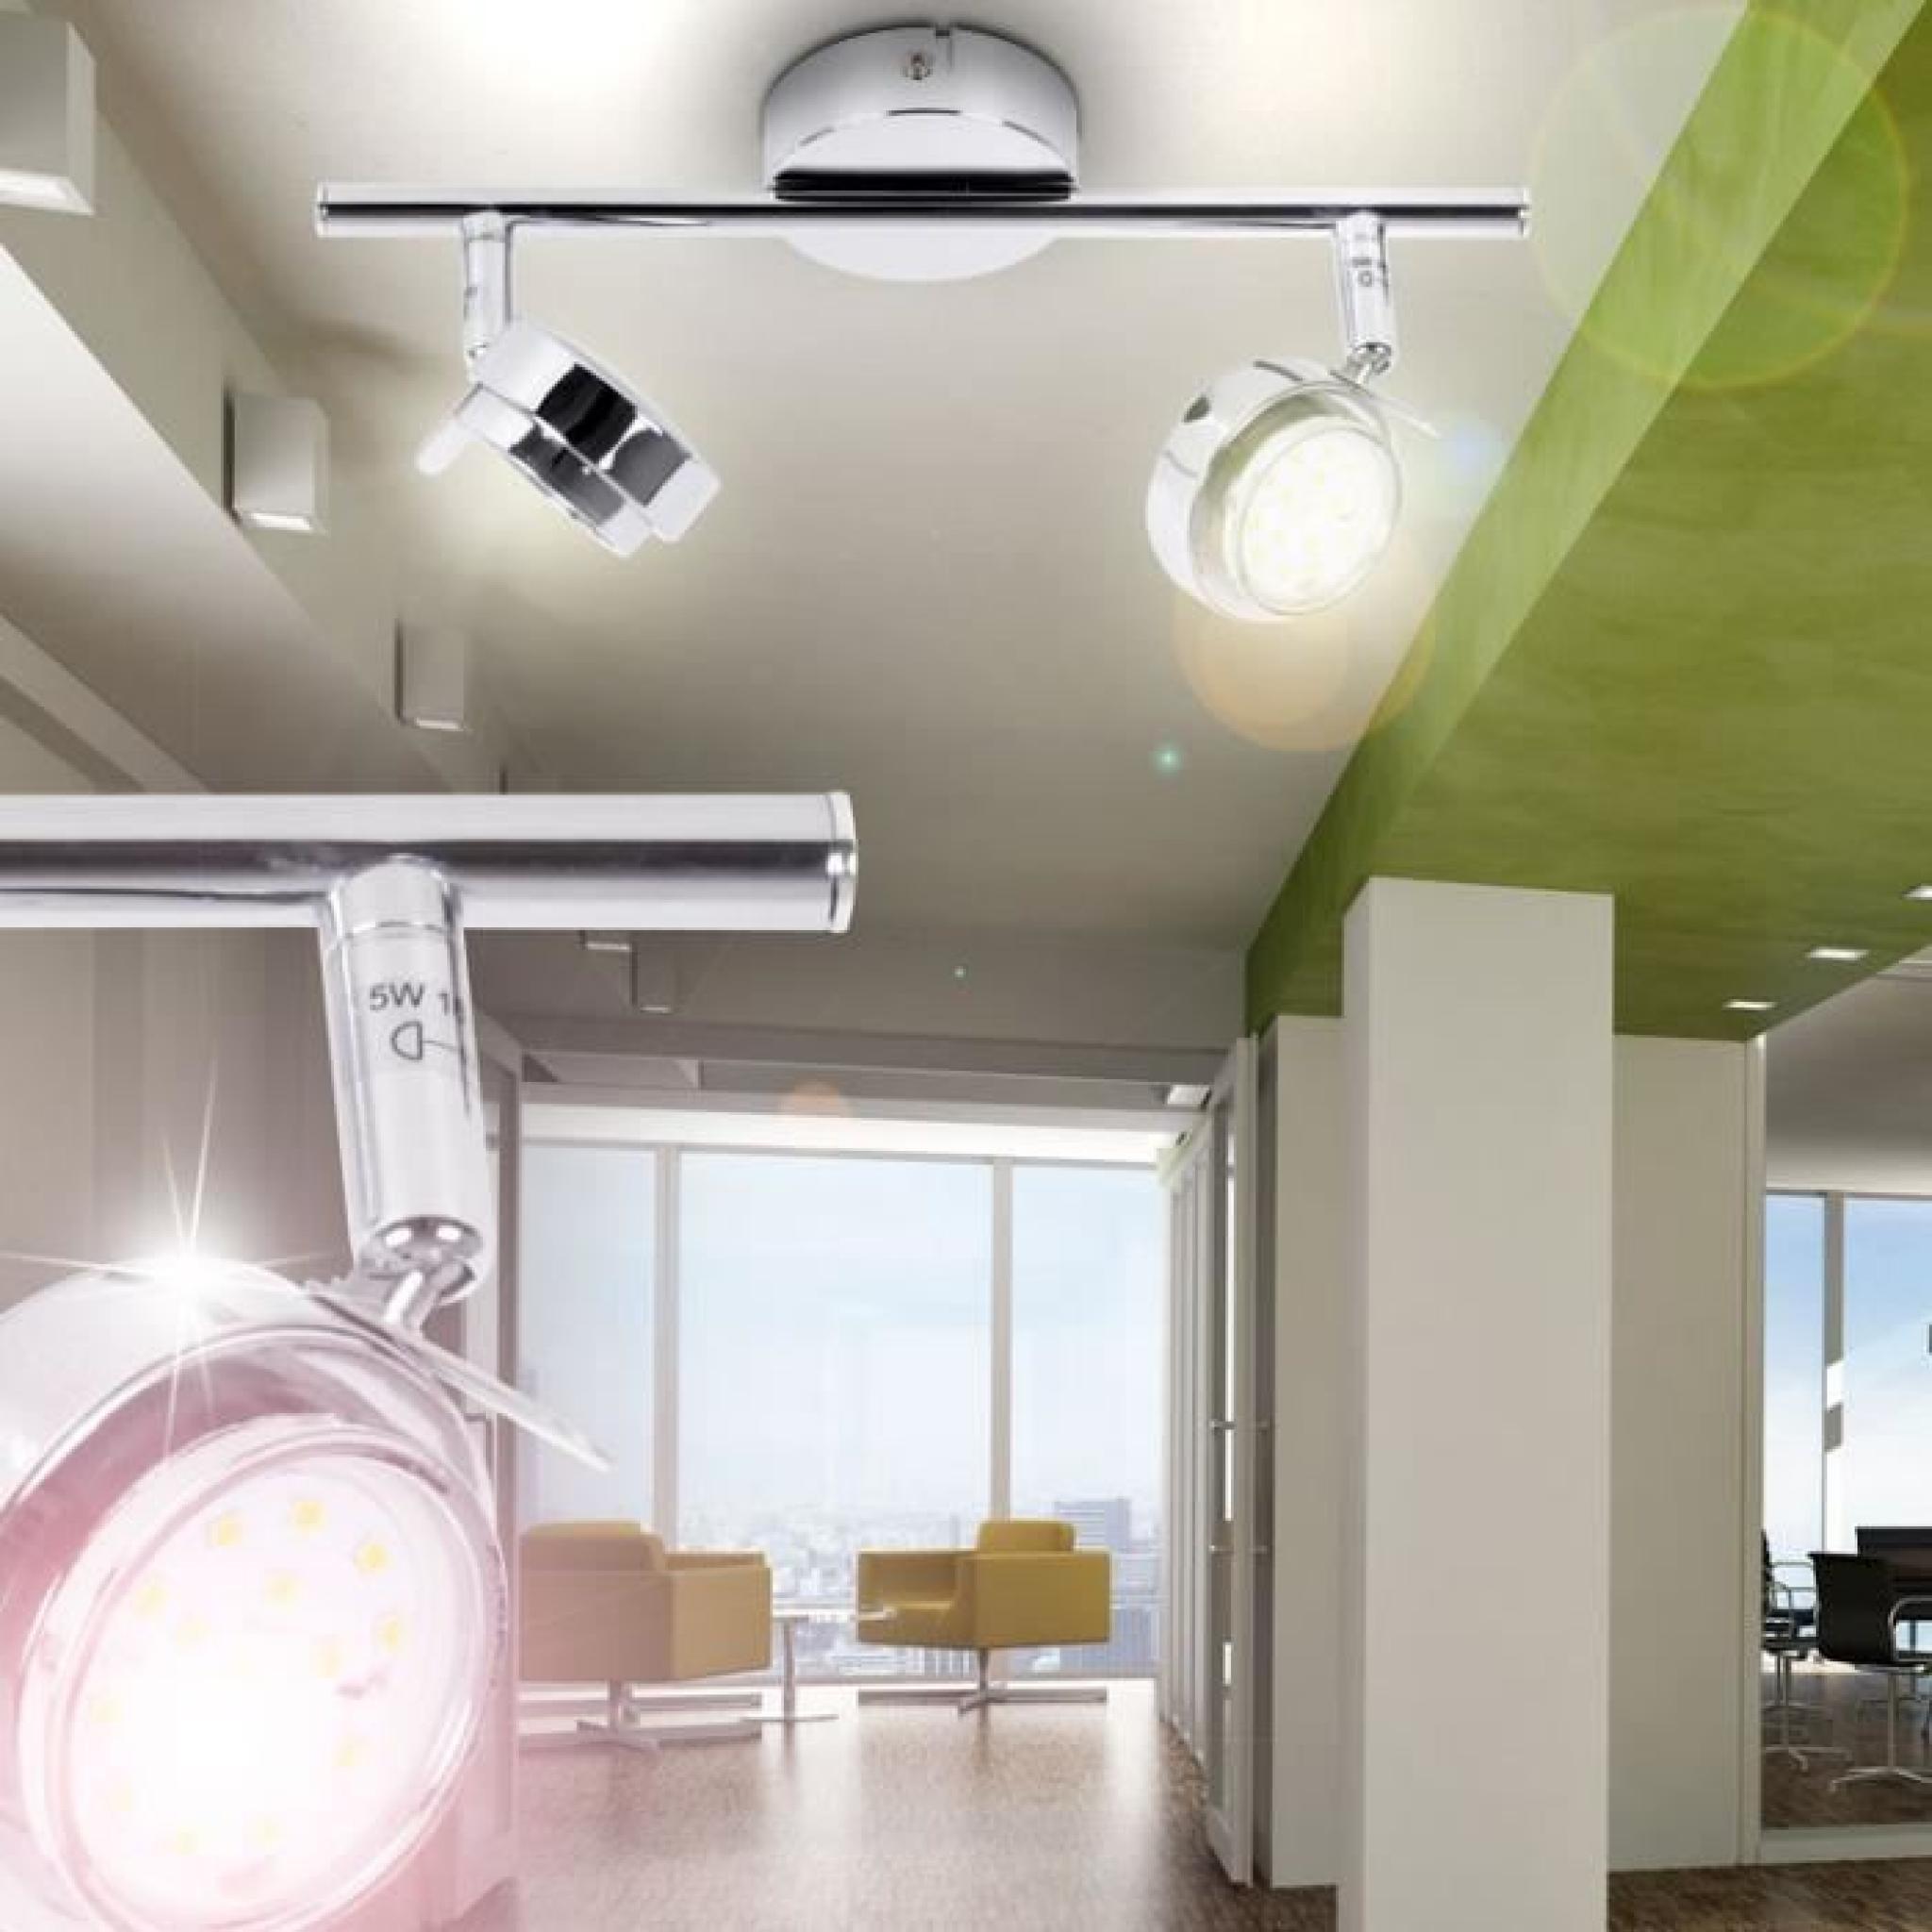 plafonnier del 10 watts luminaire mural plafond applique lampe 2 spots chrome eclairage achat vente applique murale pas cher couleur et design fr